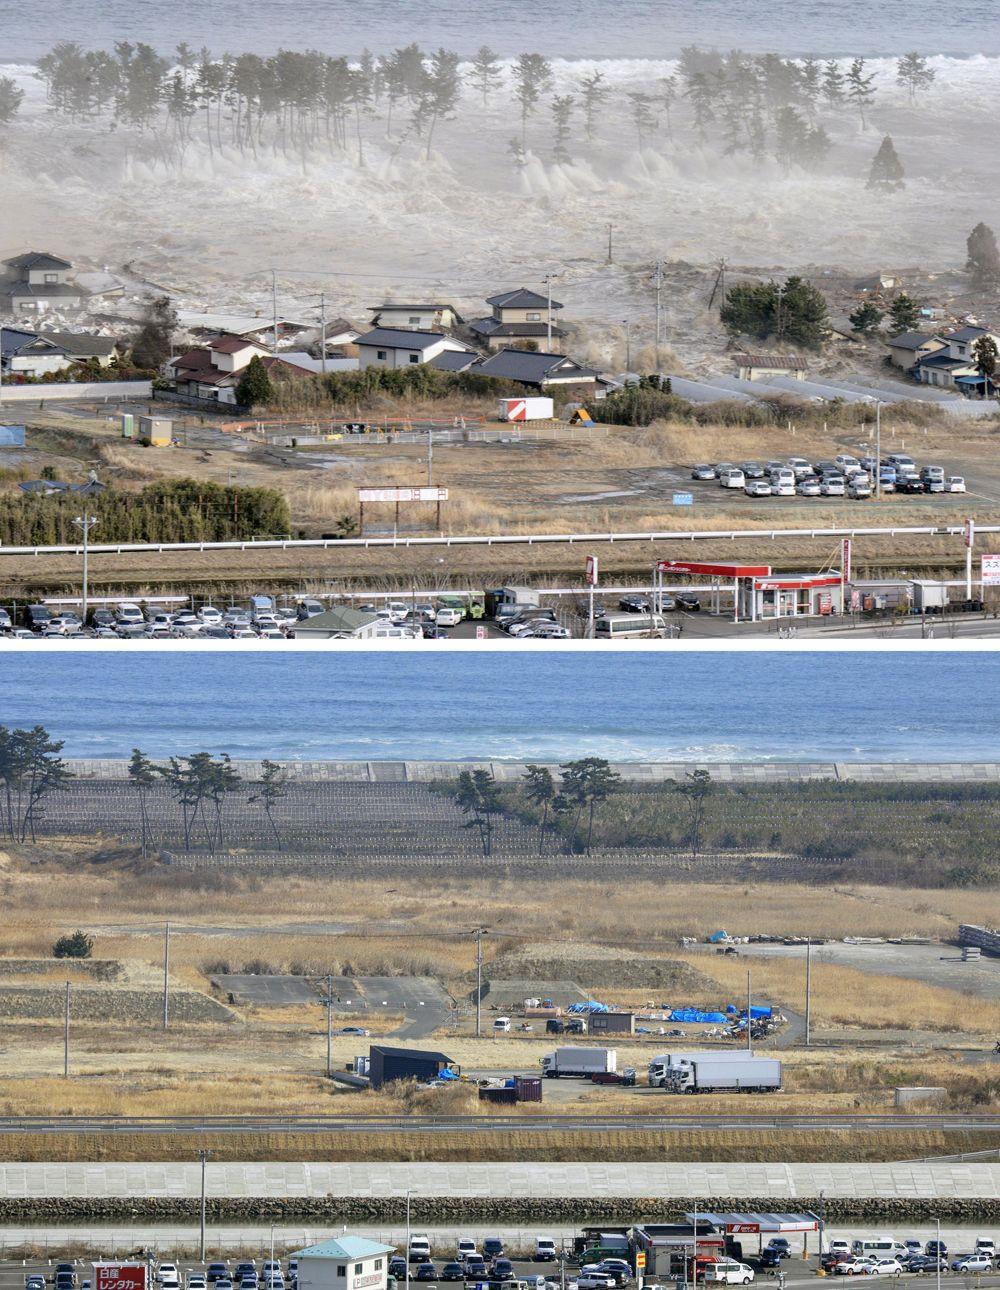 Цунами, захлестывающая 11 марта 2011 года дома в Натори, префектура Мияги, (вверху), и тот же район с волнорезом на фото 14 февраля 2021 года.